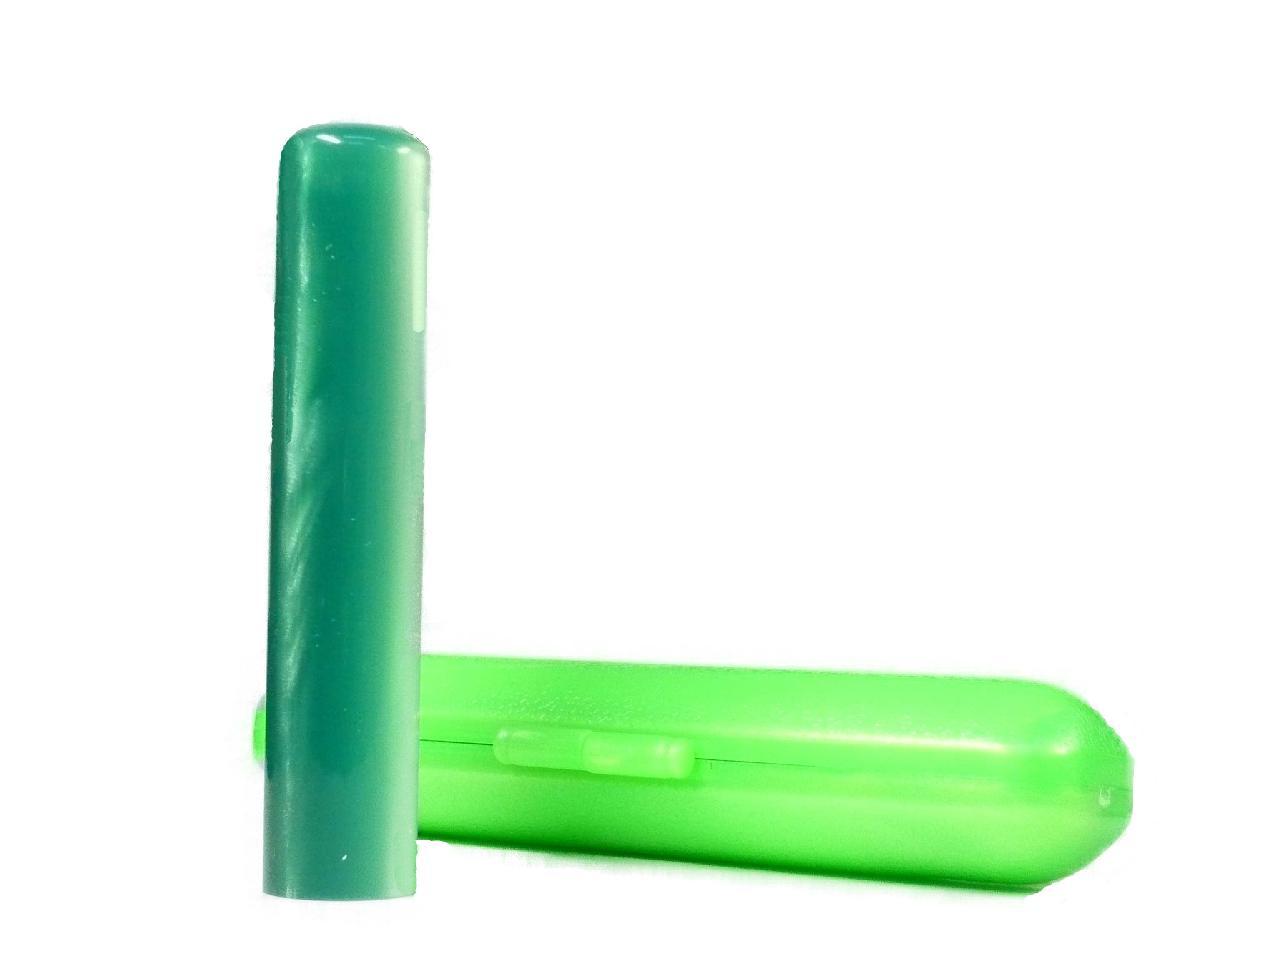 個人用 アクリルパール認印(グリーン)10.5×60mm専用ケース付